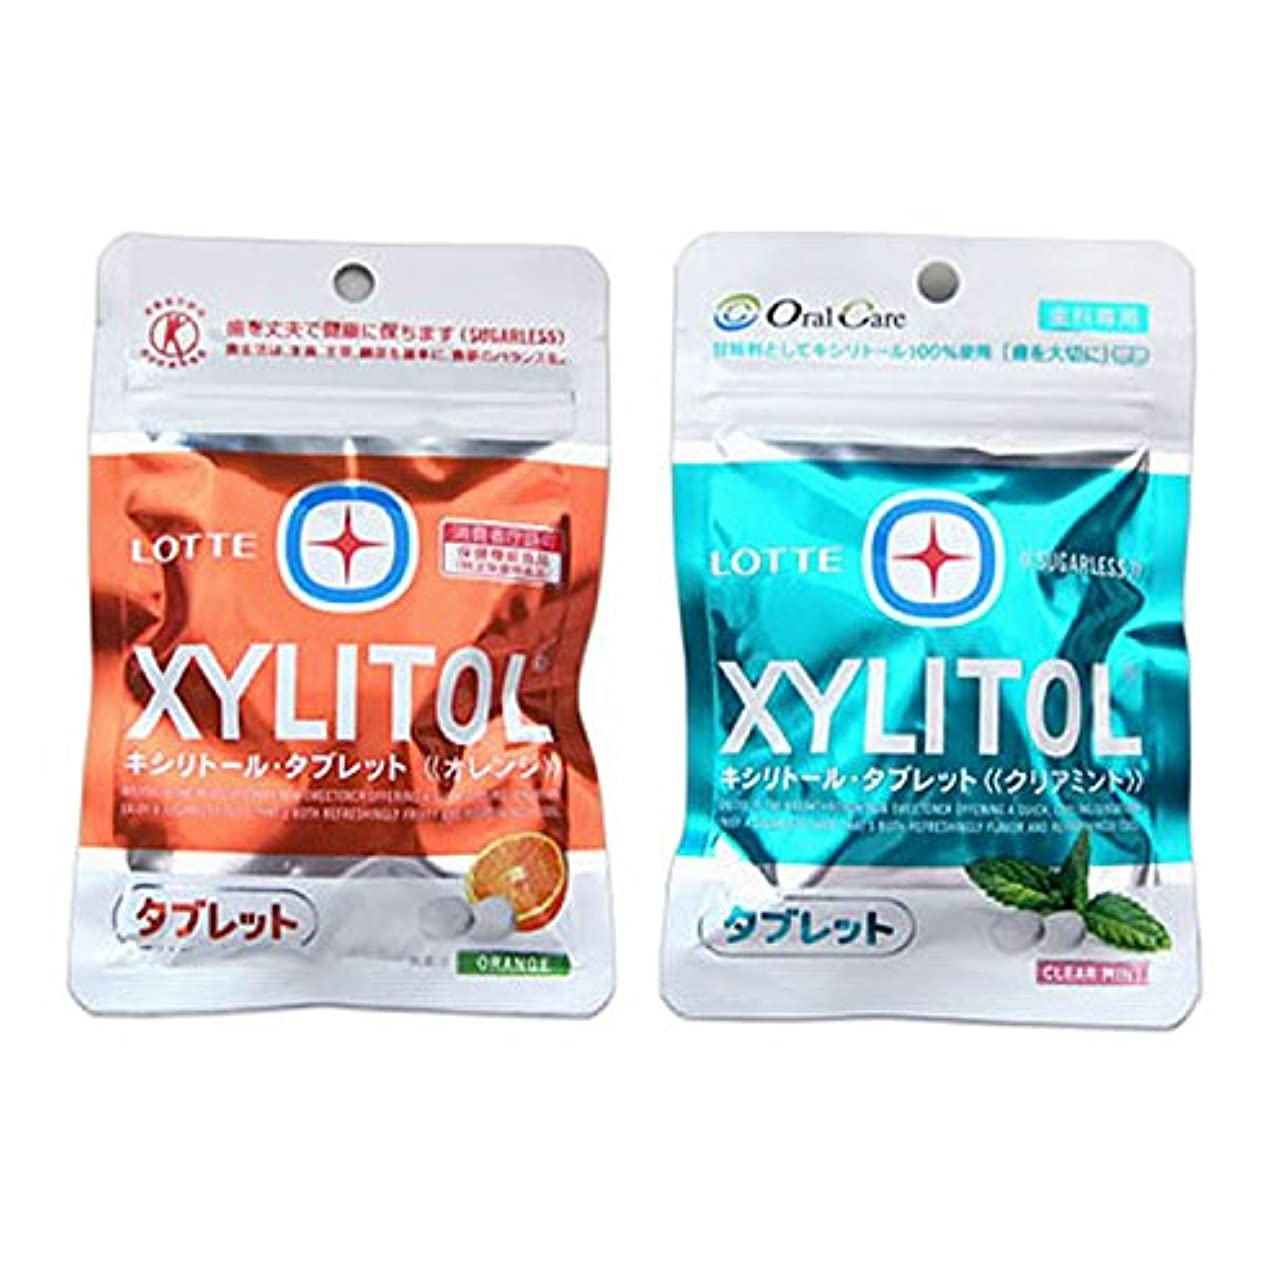 繊毛凝縮する見出しキシリトールタブレット(ラミチャック) キシリトール タブレット ラミチャック 3袋 場 クリアミント1袋+オレンジ2袋 -